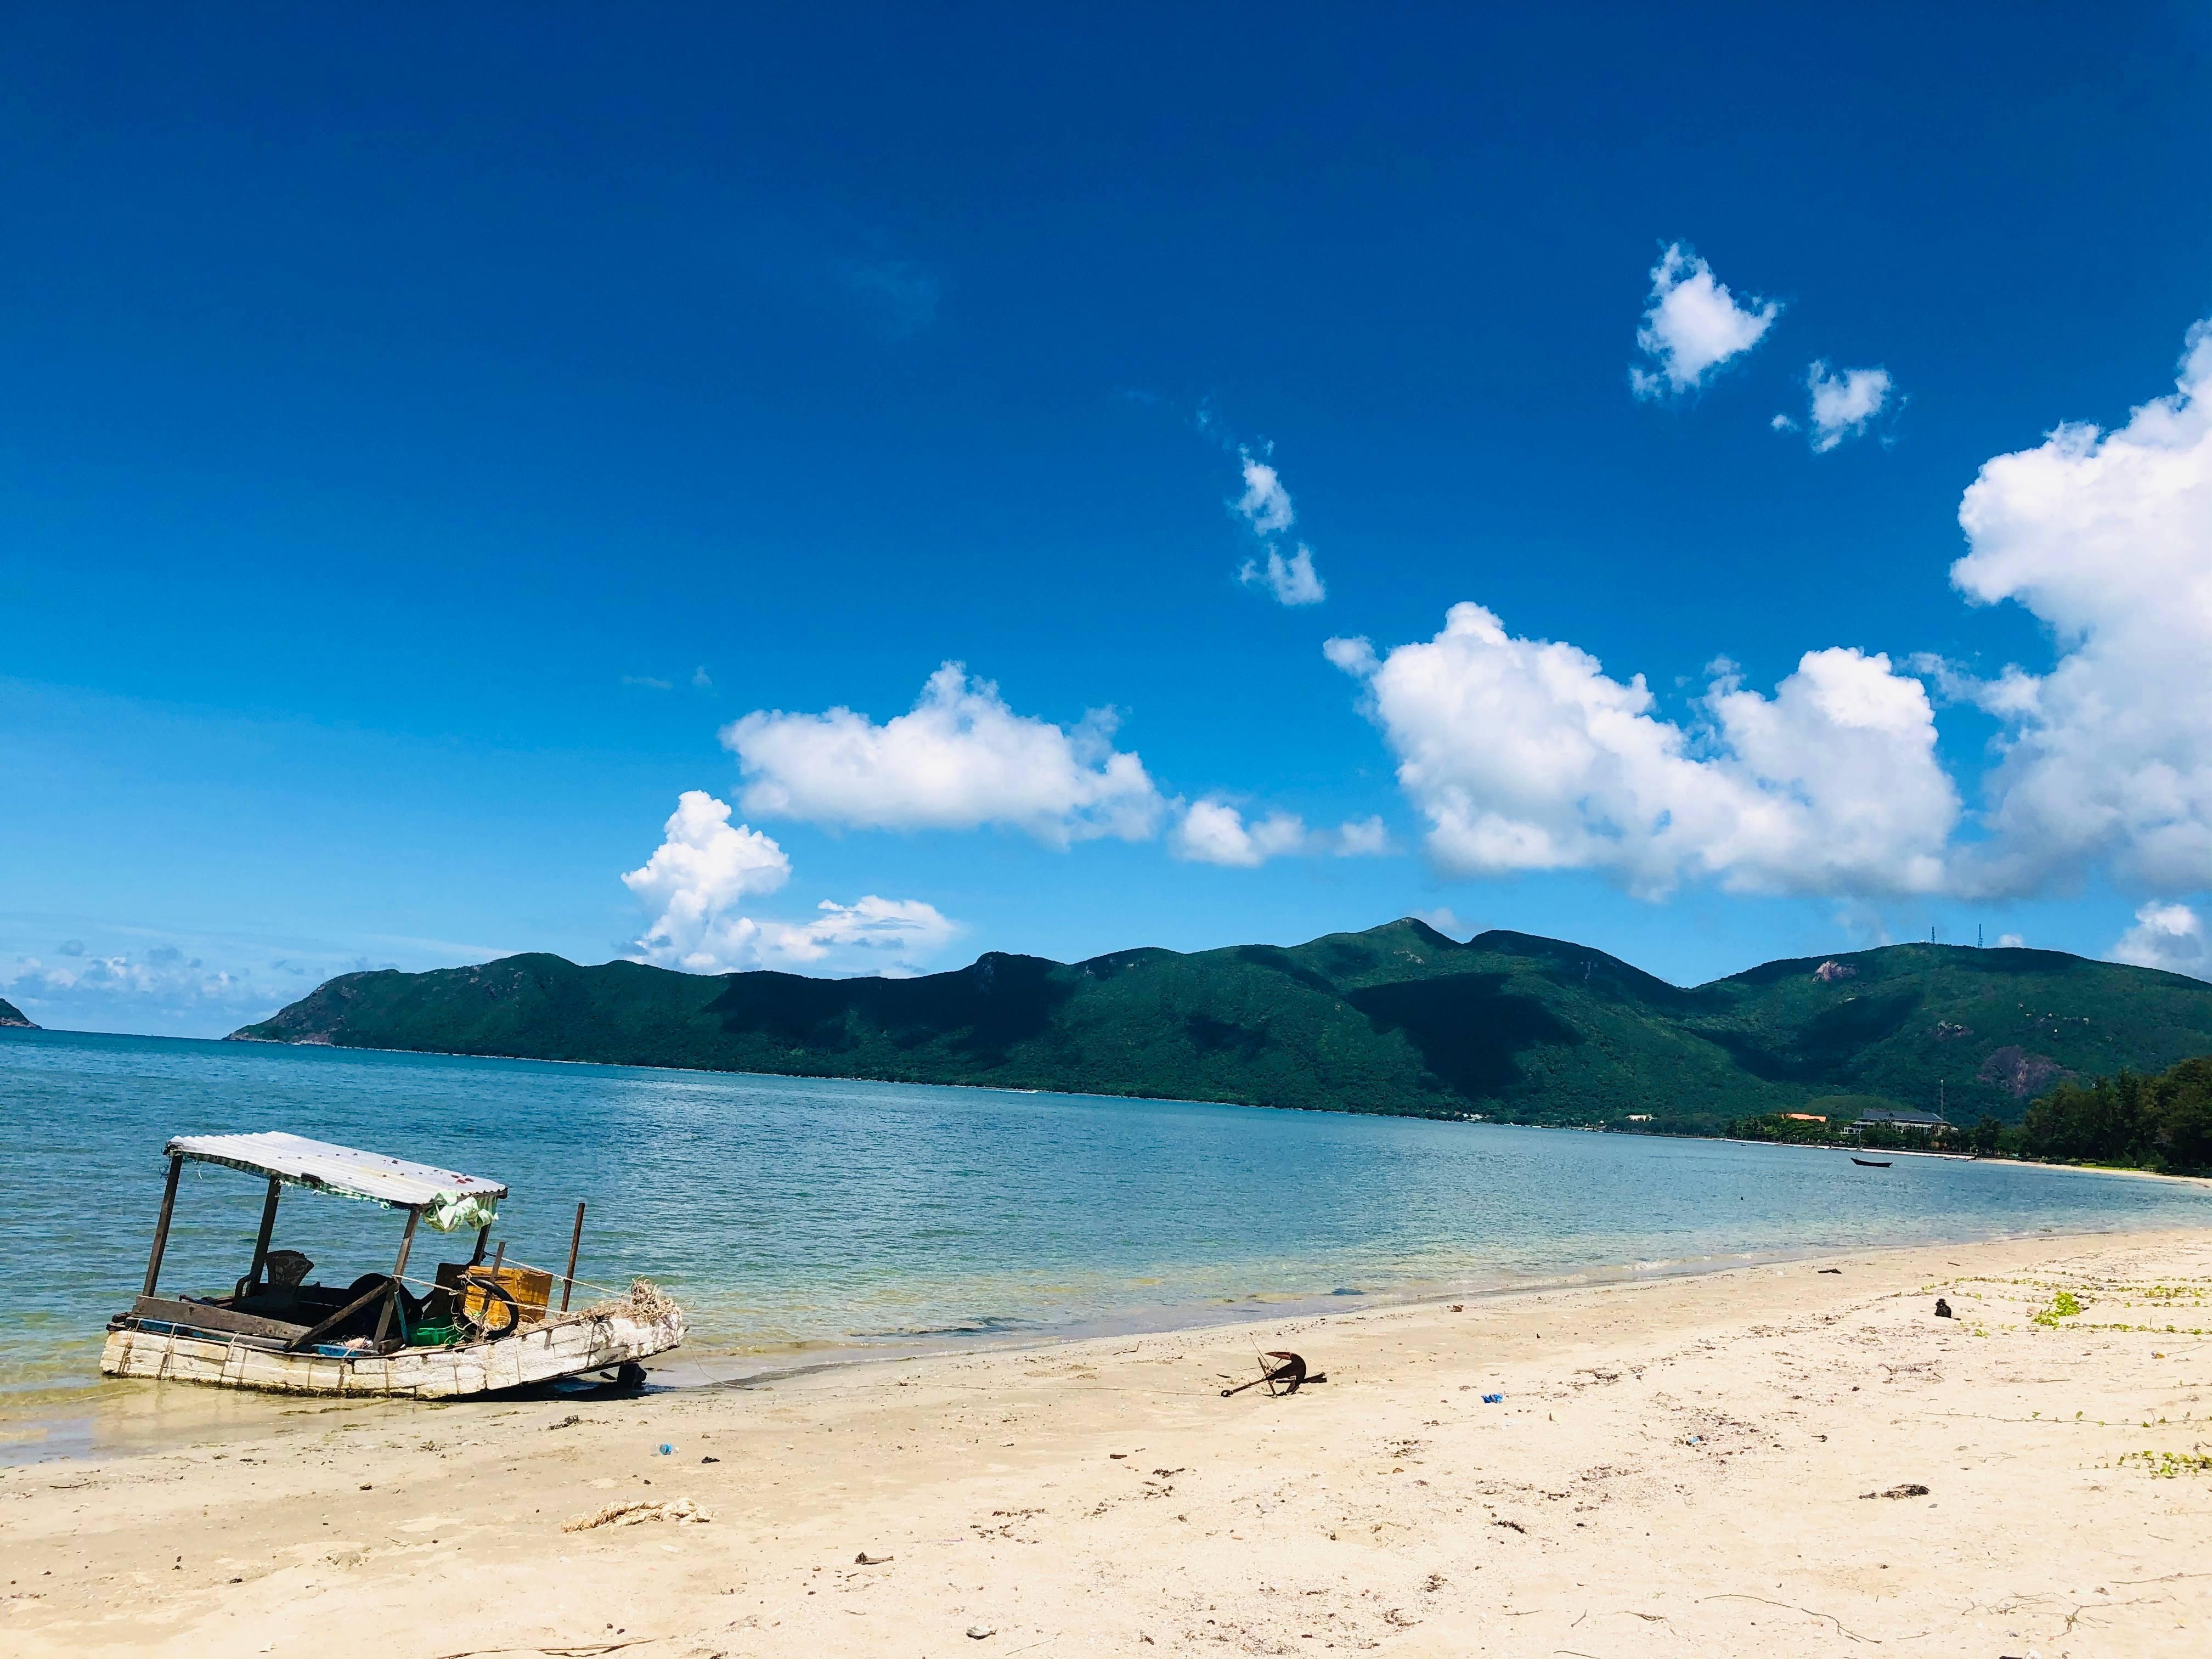 Điểm danh 15 địa điểm siêu đẹp ở Côn Đảo lên hình cực ảo - 15